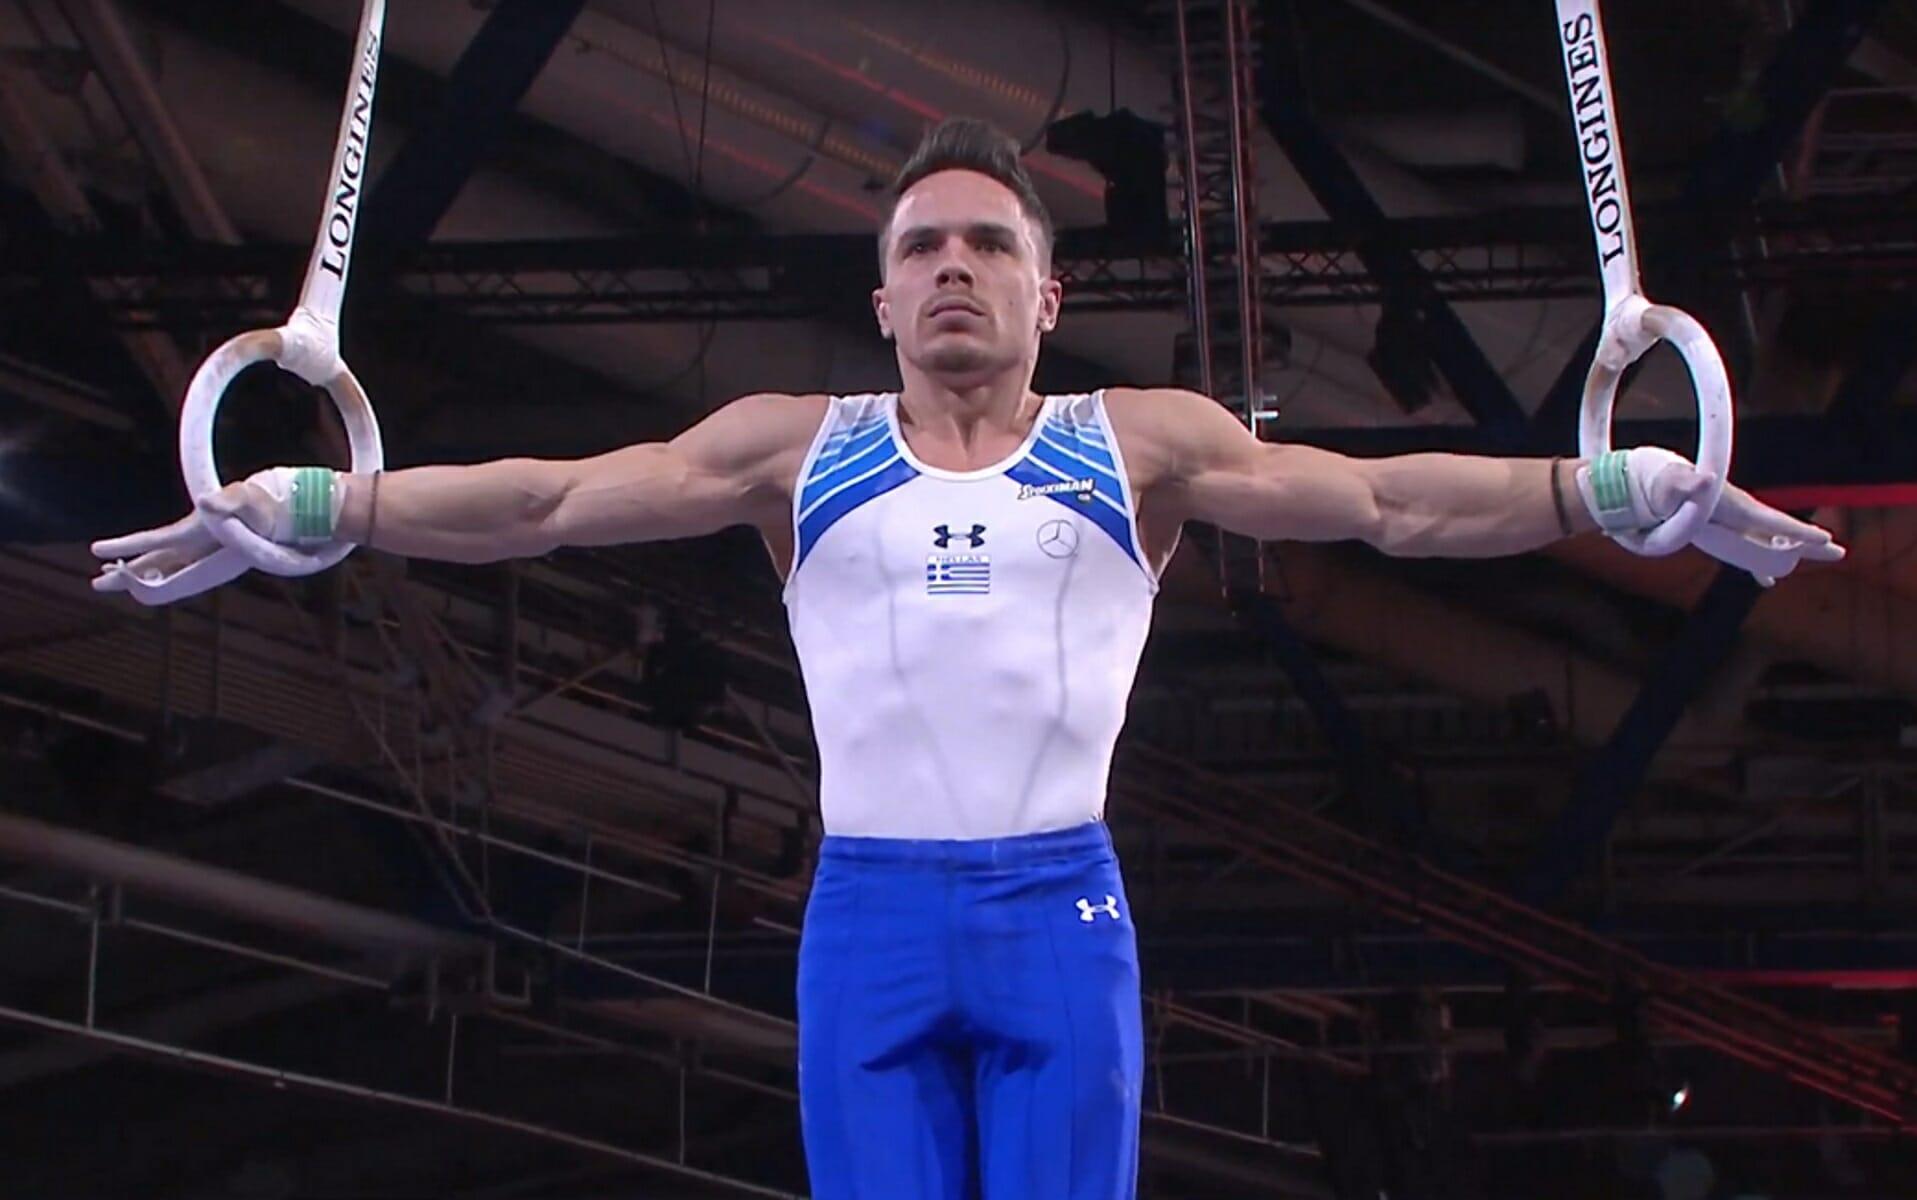 Πετρούνιας: Έκανε το πρώτο… βήμα για τους Ολυμπιακούς Αγώνες! Κορυφή στη Μελβούρνη